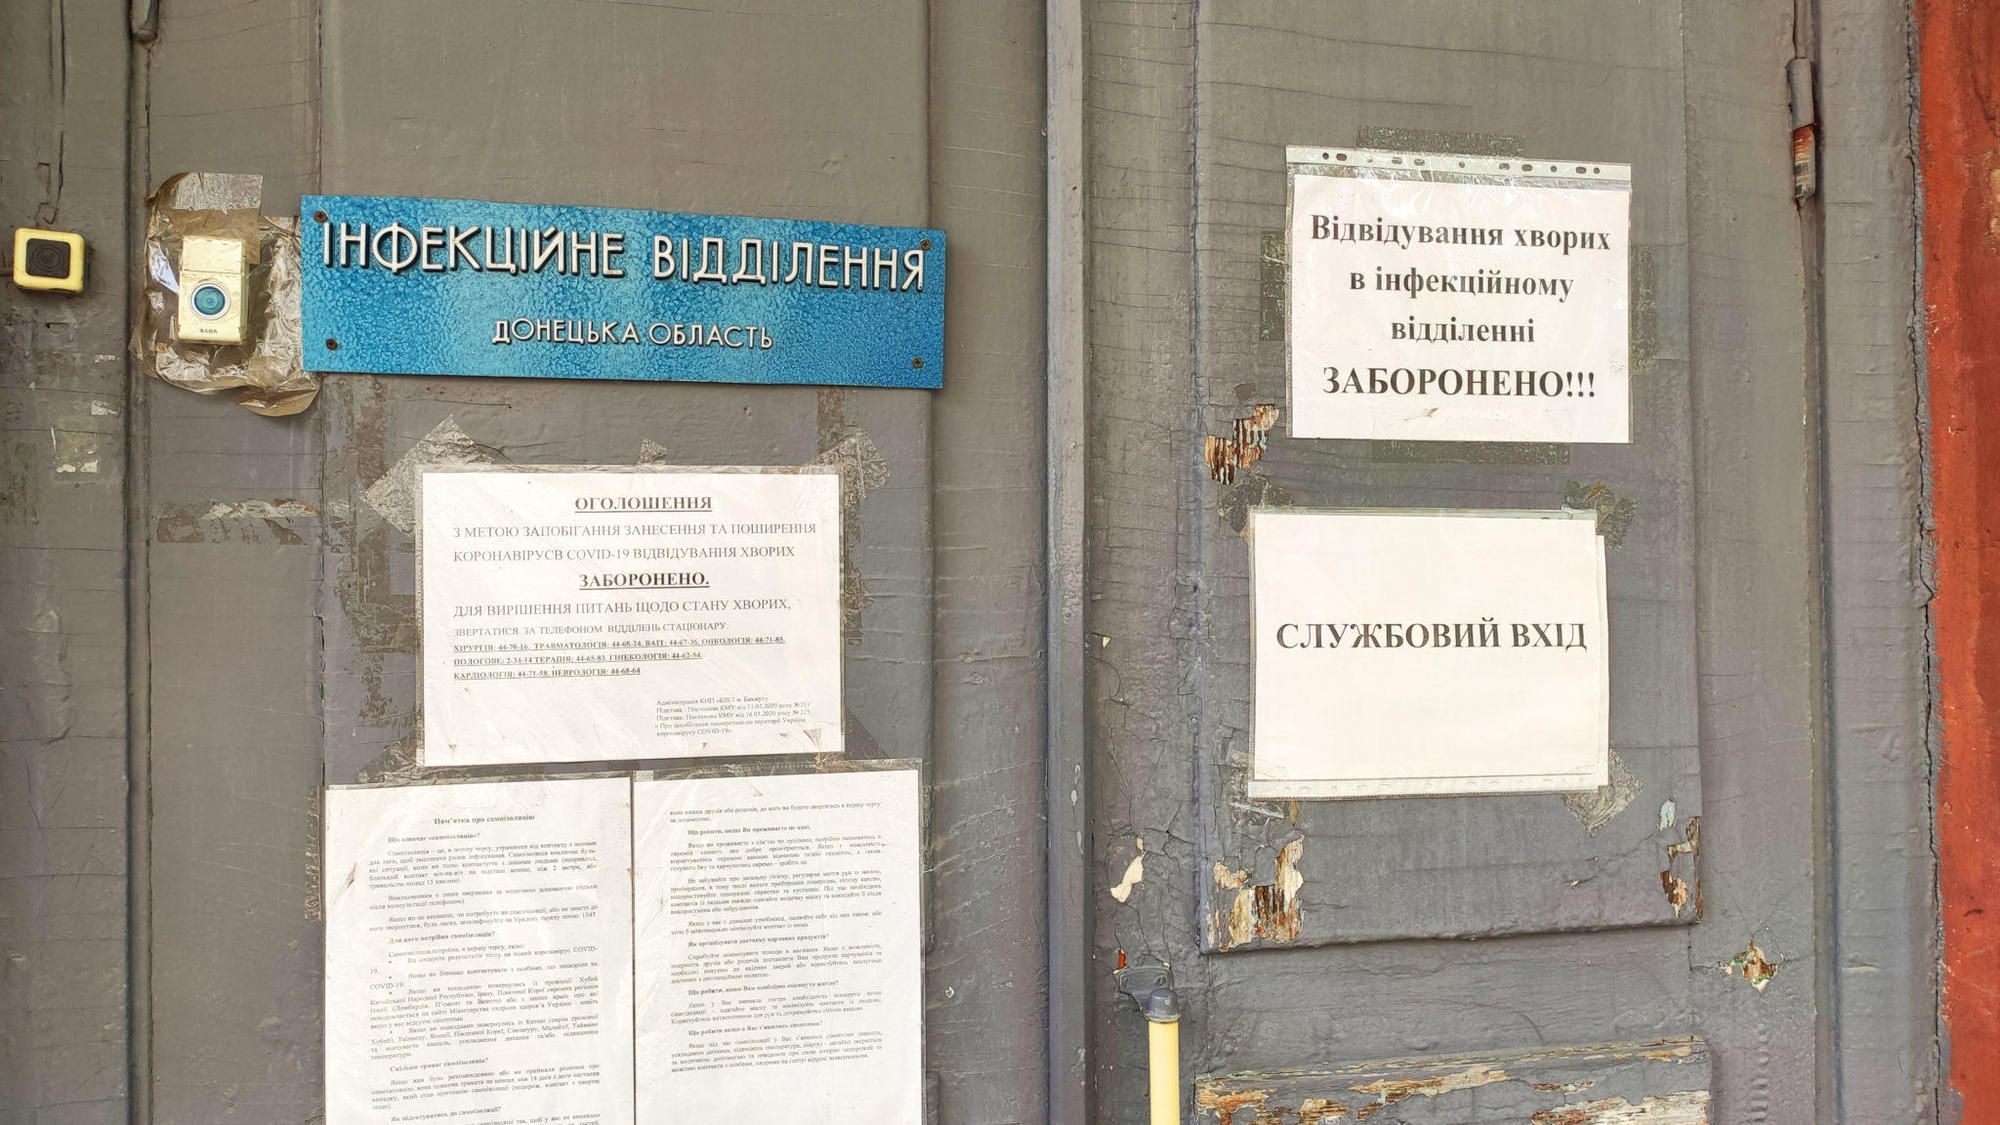 інфекційне відділення двері БЛІЛ